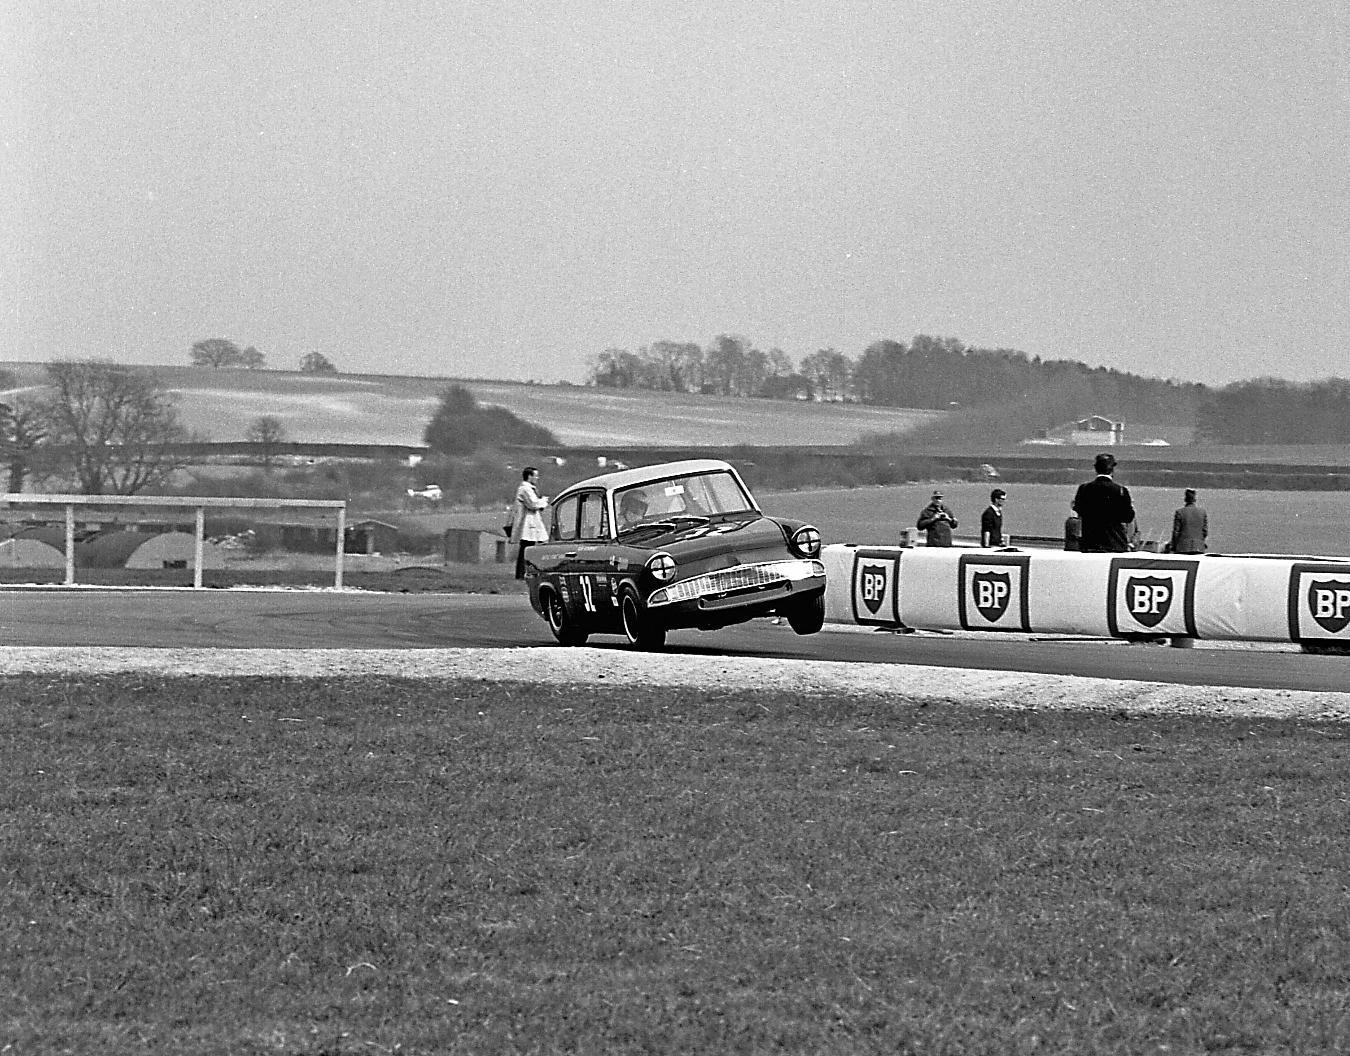 Ford Anglia Thruxton racing